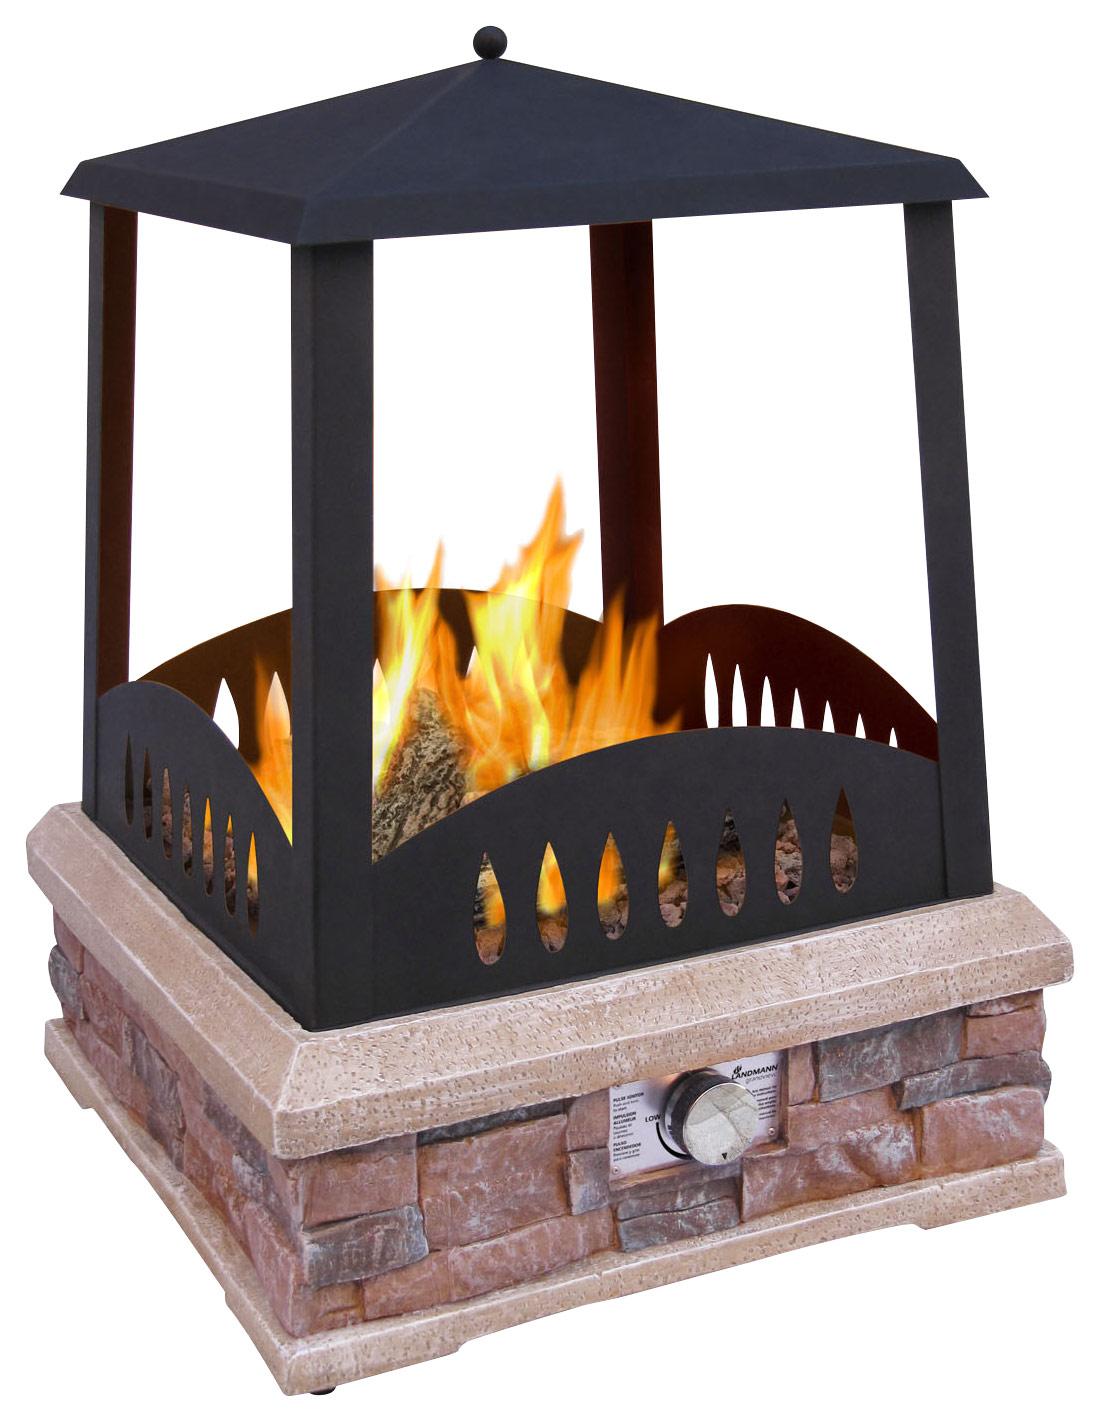 Landmann - Grandview Outdoor Gas Fireplace - Black